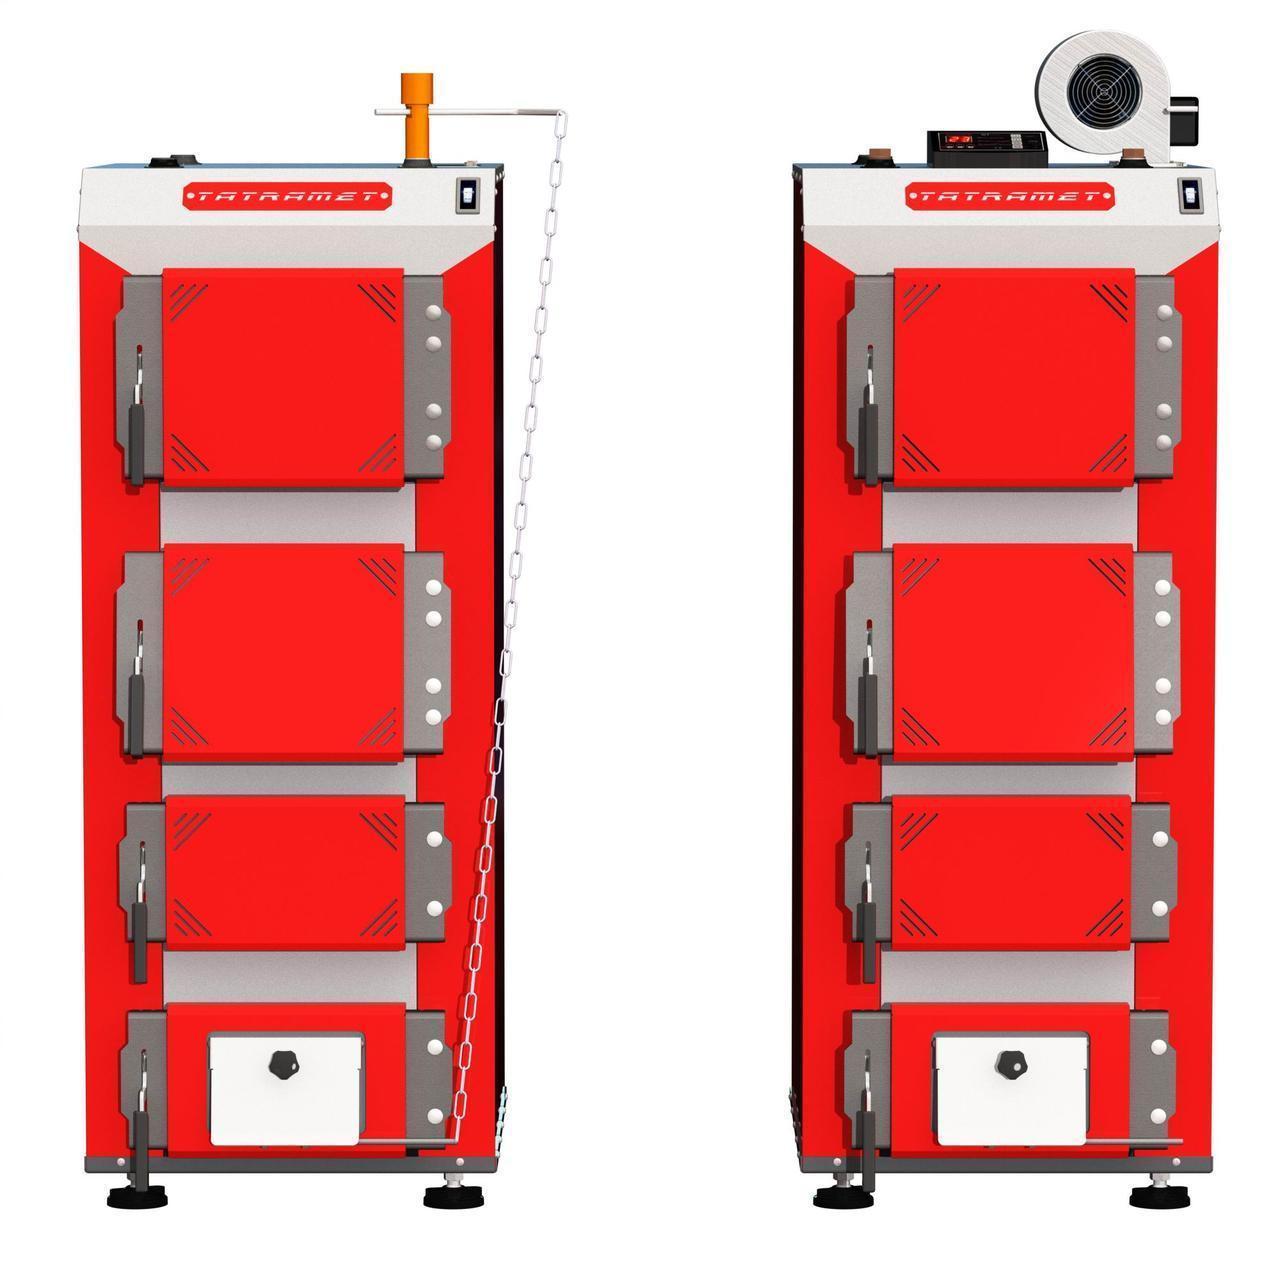 TATRAMET SPARTAK Plus (СПАРТАК ПЛЮС) 27 кВт котел с электронным блоком управления (TECH ST-24 sigma + WPA120)